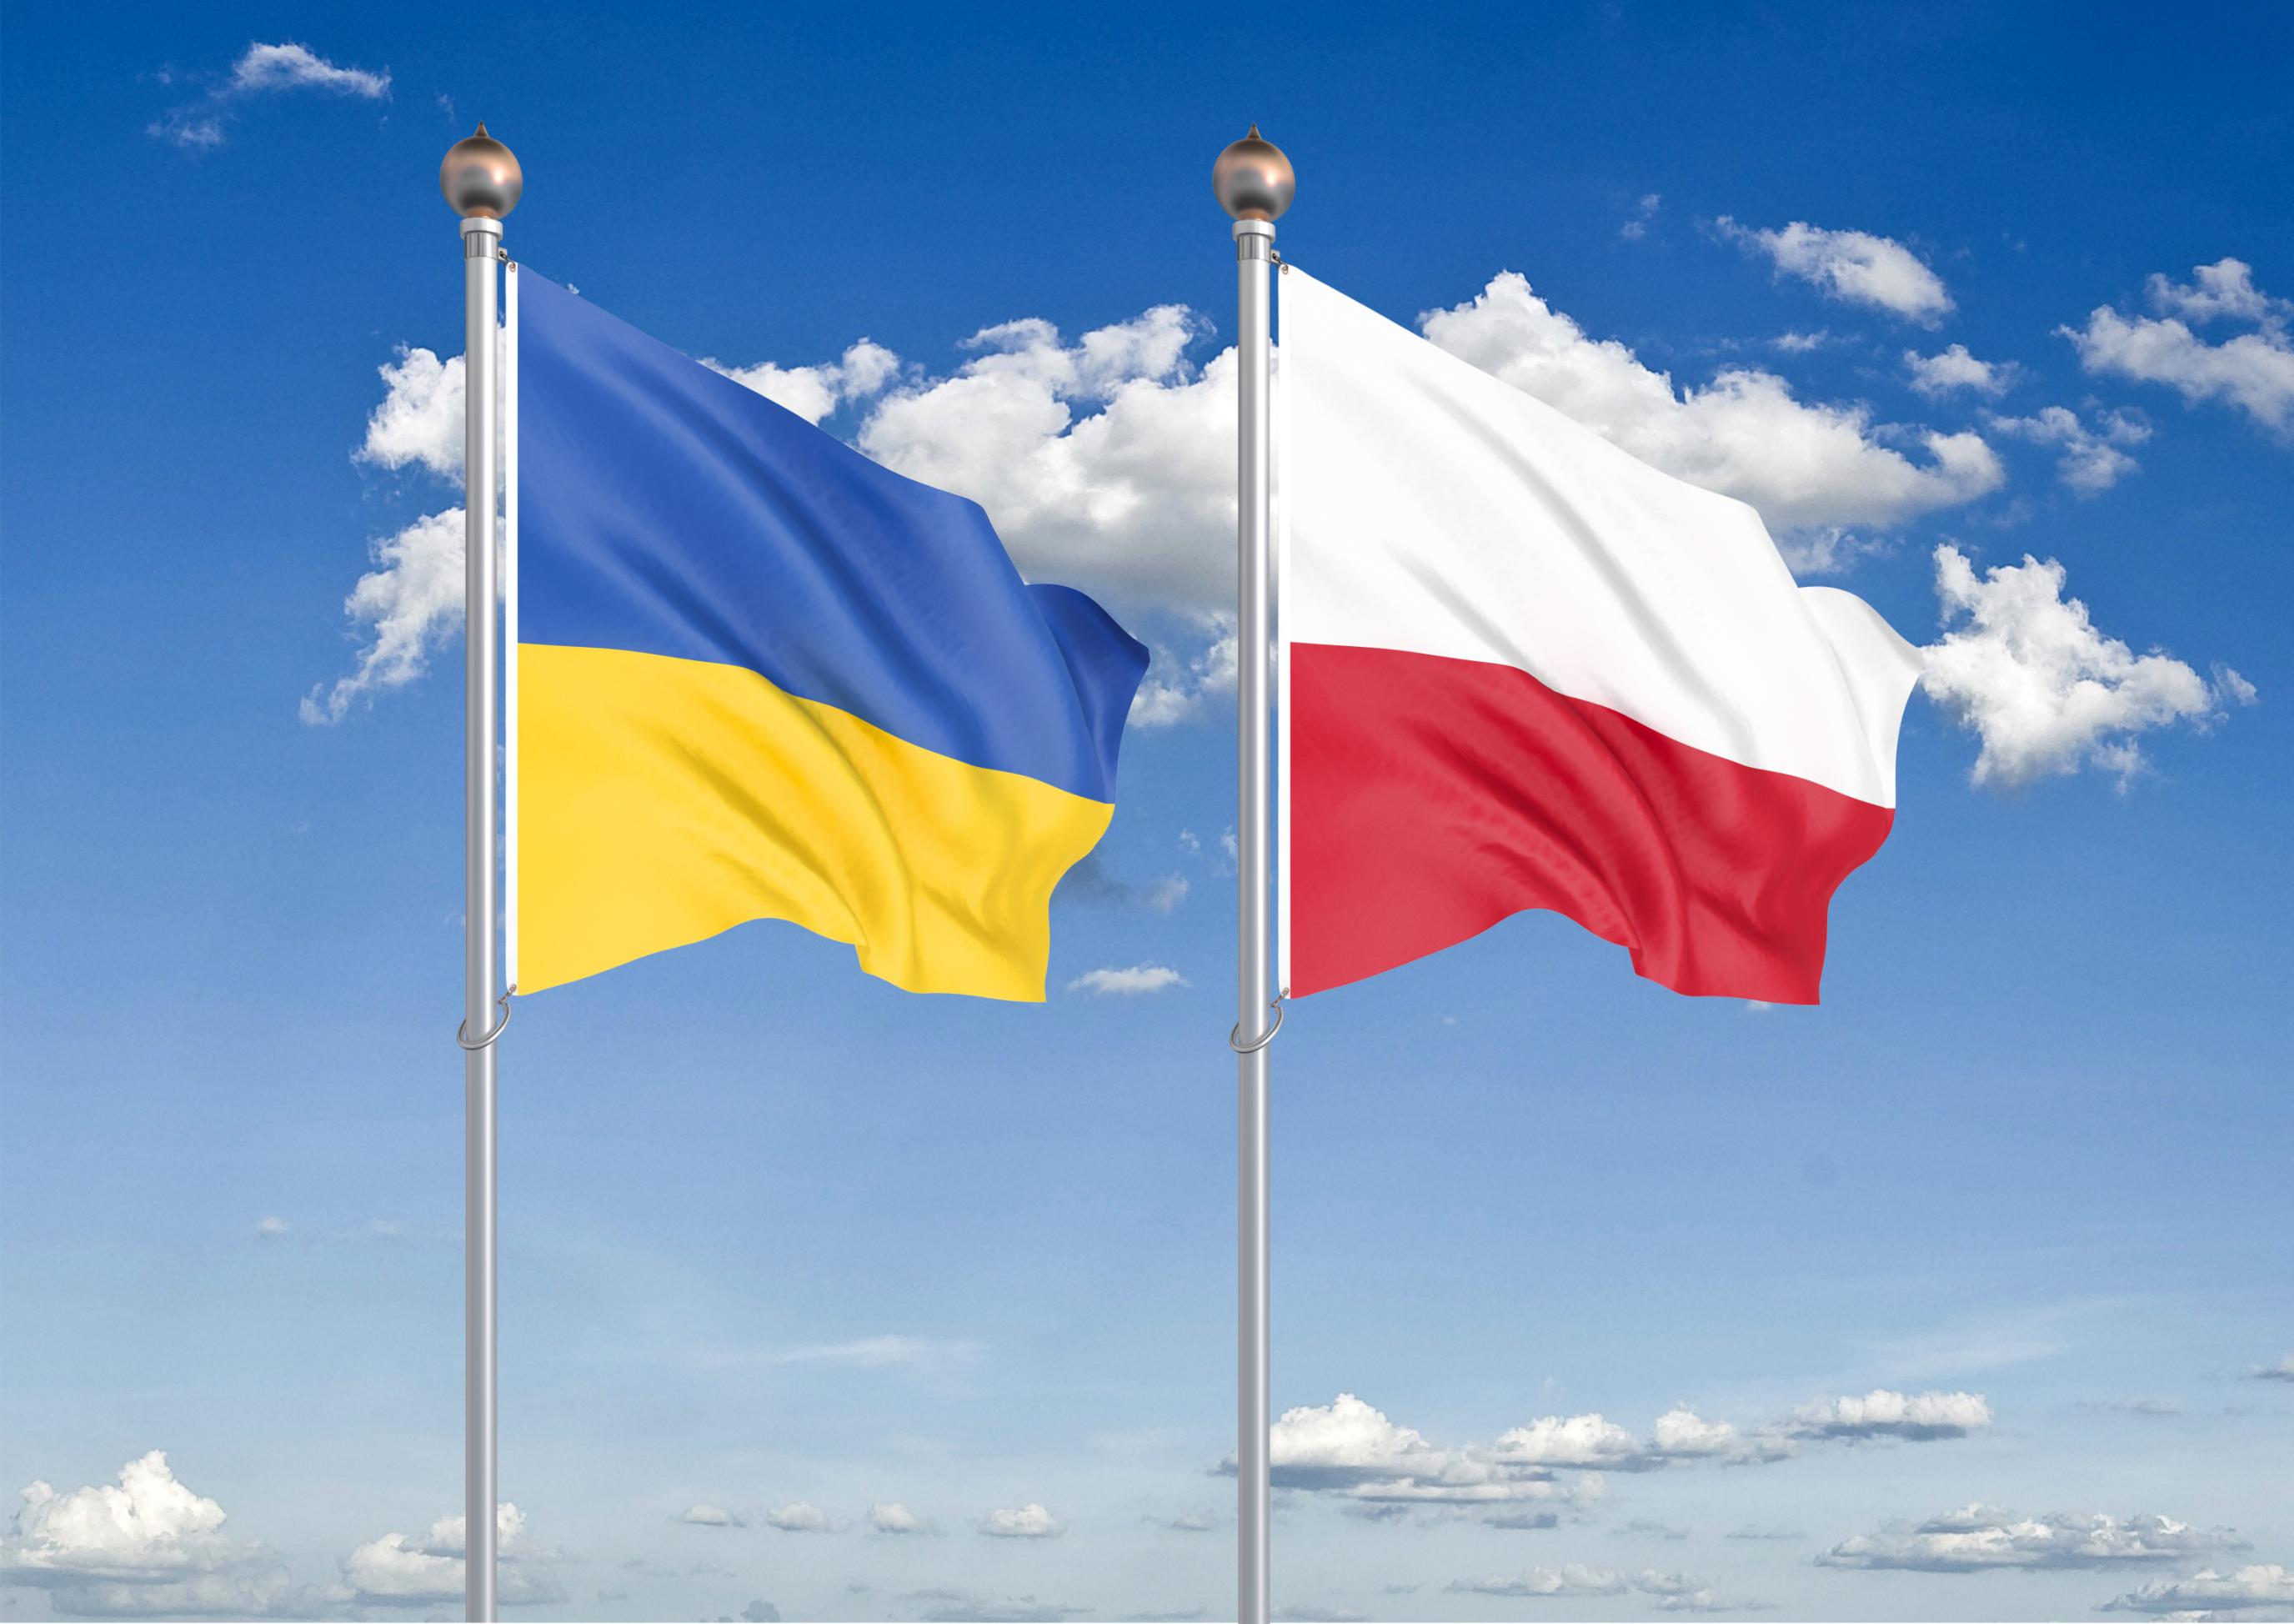 Oba kraje - Ukraina i Polska - oferują w miarę proste procedury legalizacyjne pobytu i zatrudnienia (fot. shutterstock)